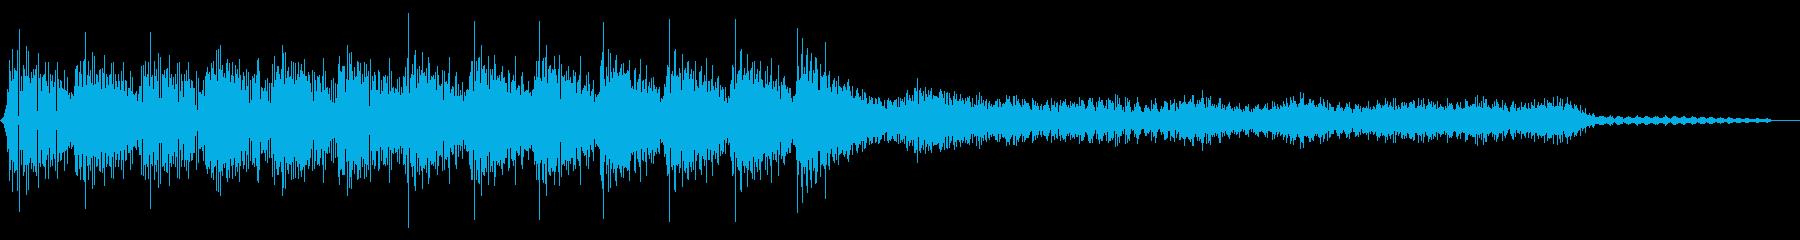 ピコピコ音のゲームクリア ステージクリアの再生済みの波形